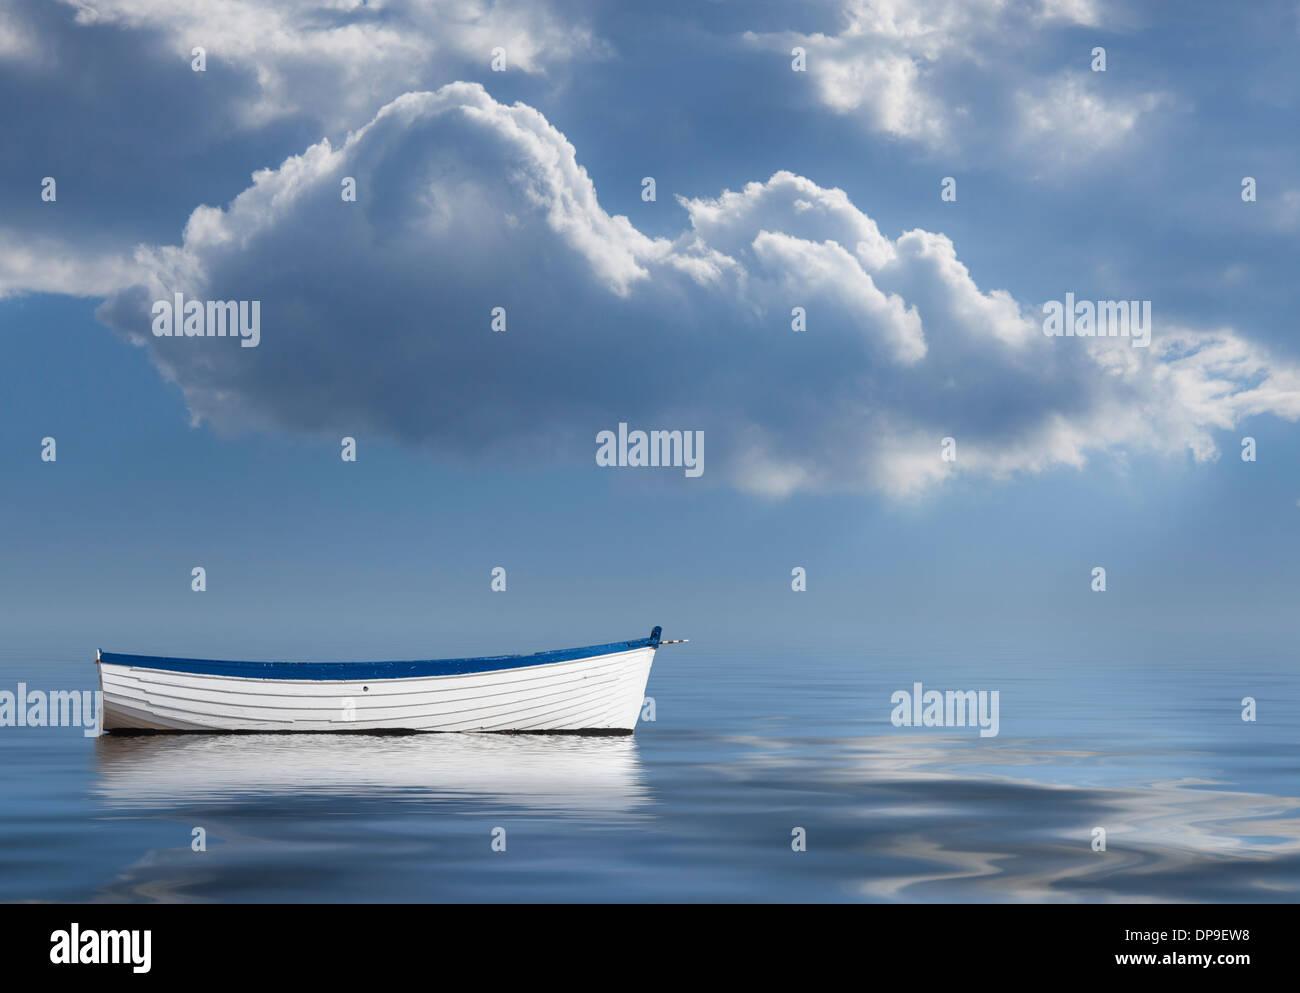 Einsamkeit, Mangel an Führung, verloren, keine Richtung, driften konzeptionelle Bild der leeren Boot auf See Stockbild